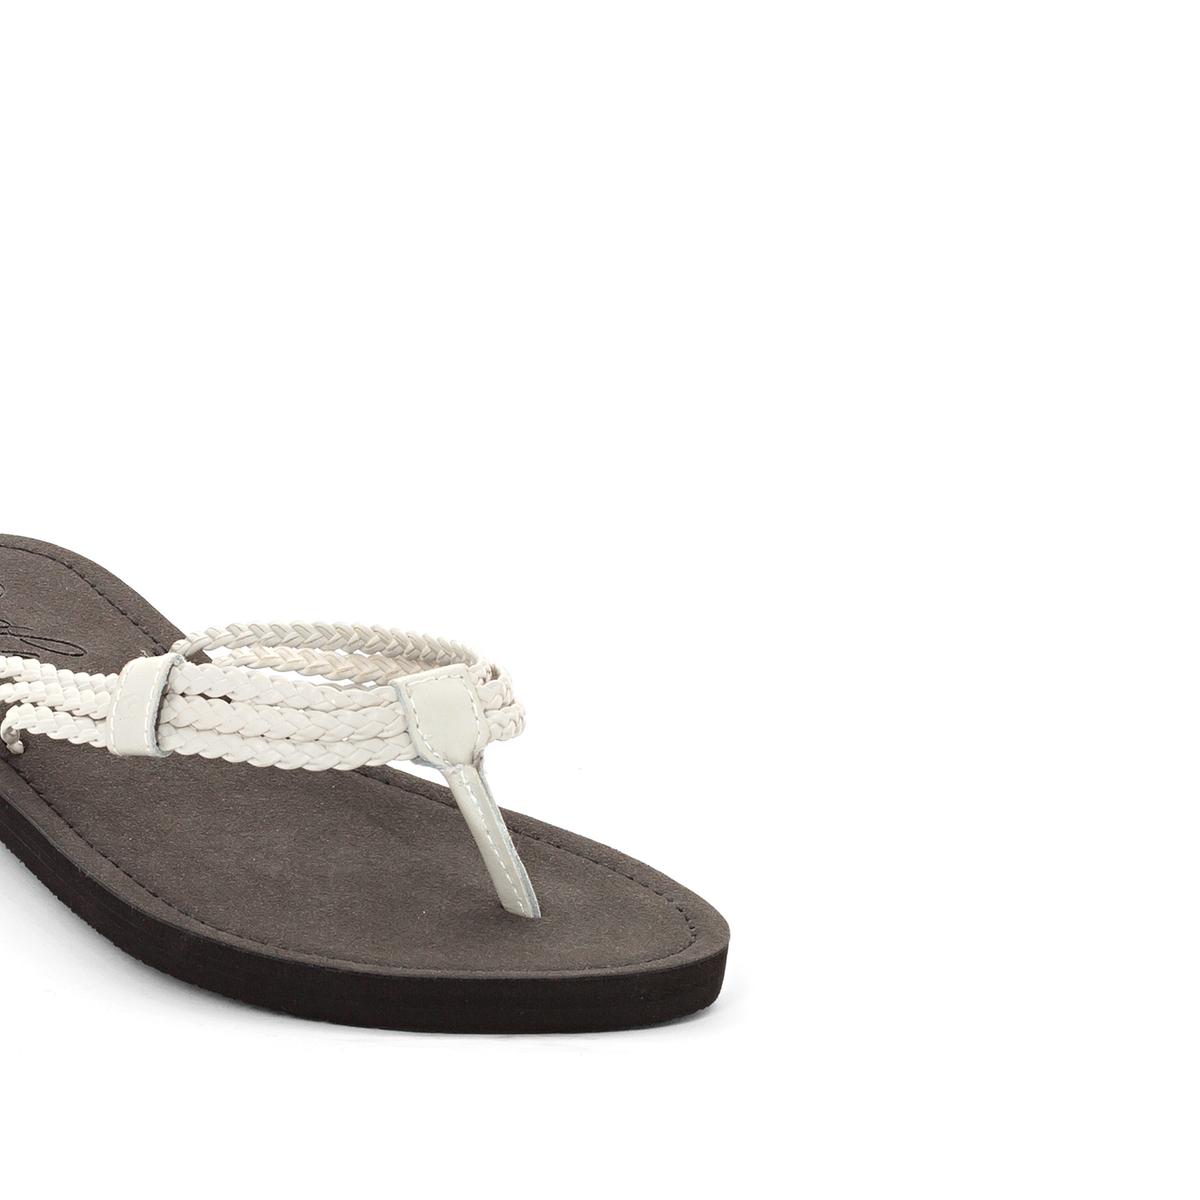 Вьетнамки IvyВерх/Голенище : синтетика   Стелька : синтетика   Подошва : каучук   Форма каблука : плоский каблук   Мысок : открытый мысок   Застежка : без застежки<br><br>Цвет: черный/ белый